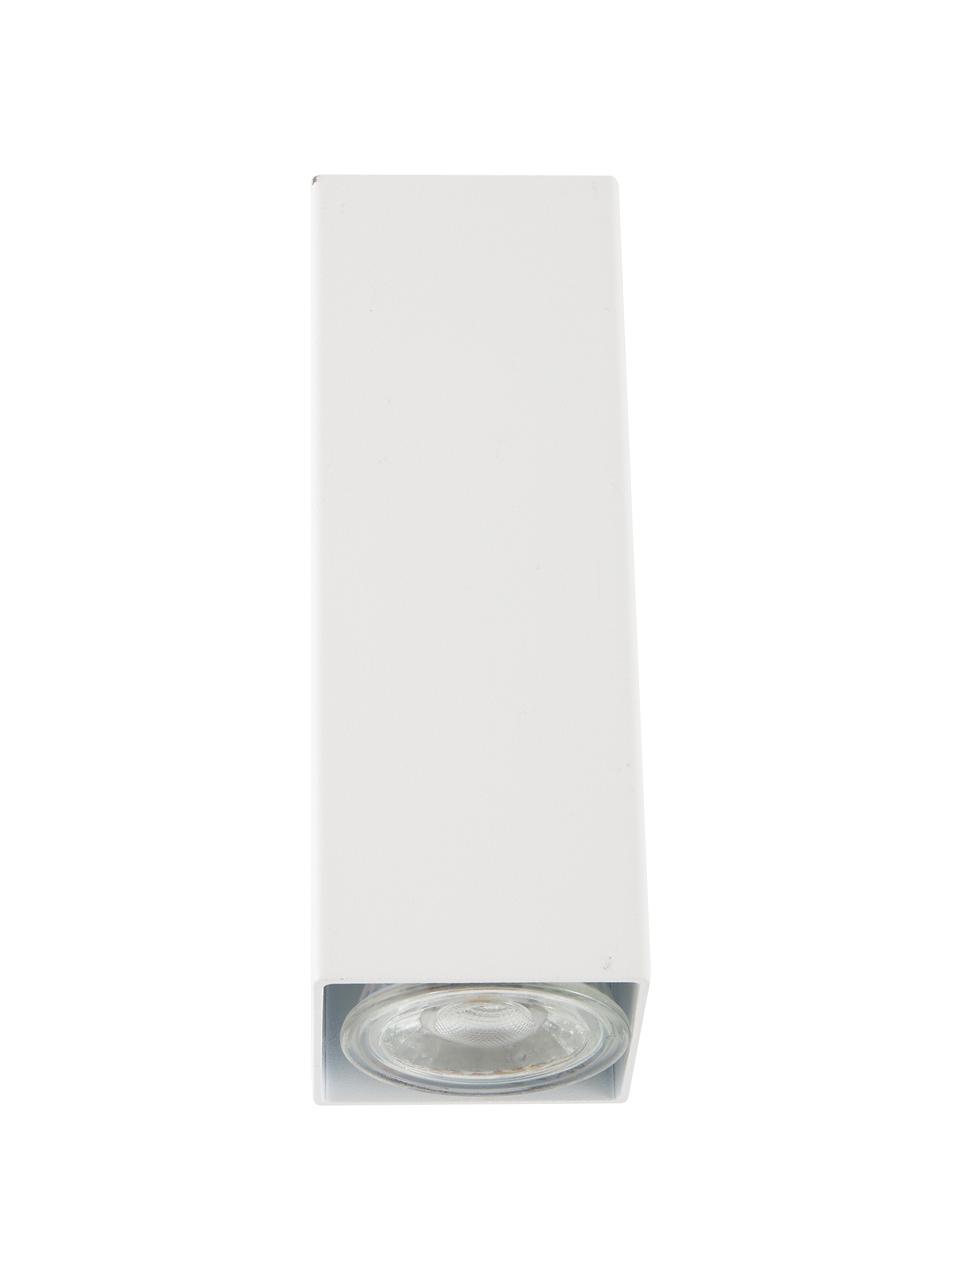 Wandstop Peter, Lampenkap: gepoedercoat metaal, Wit, 5 x 8 cm